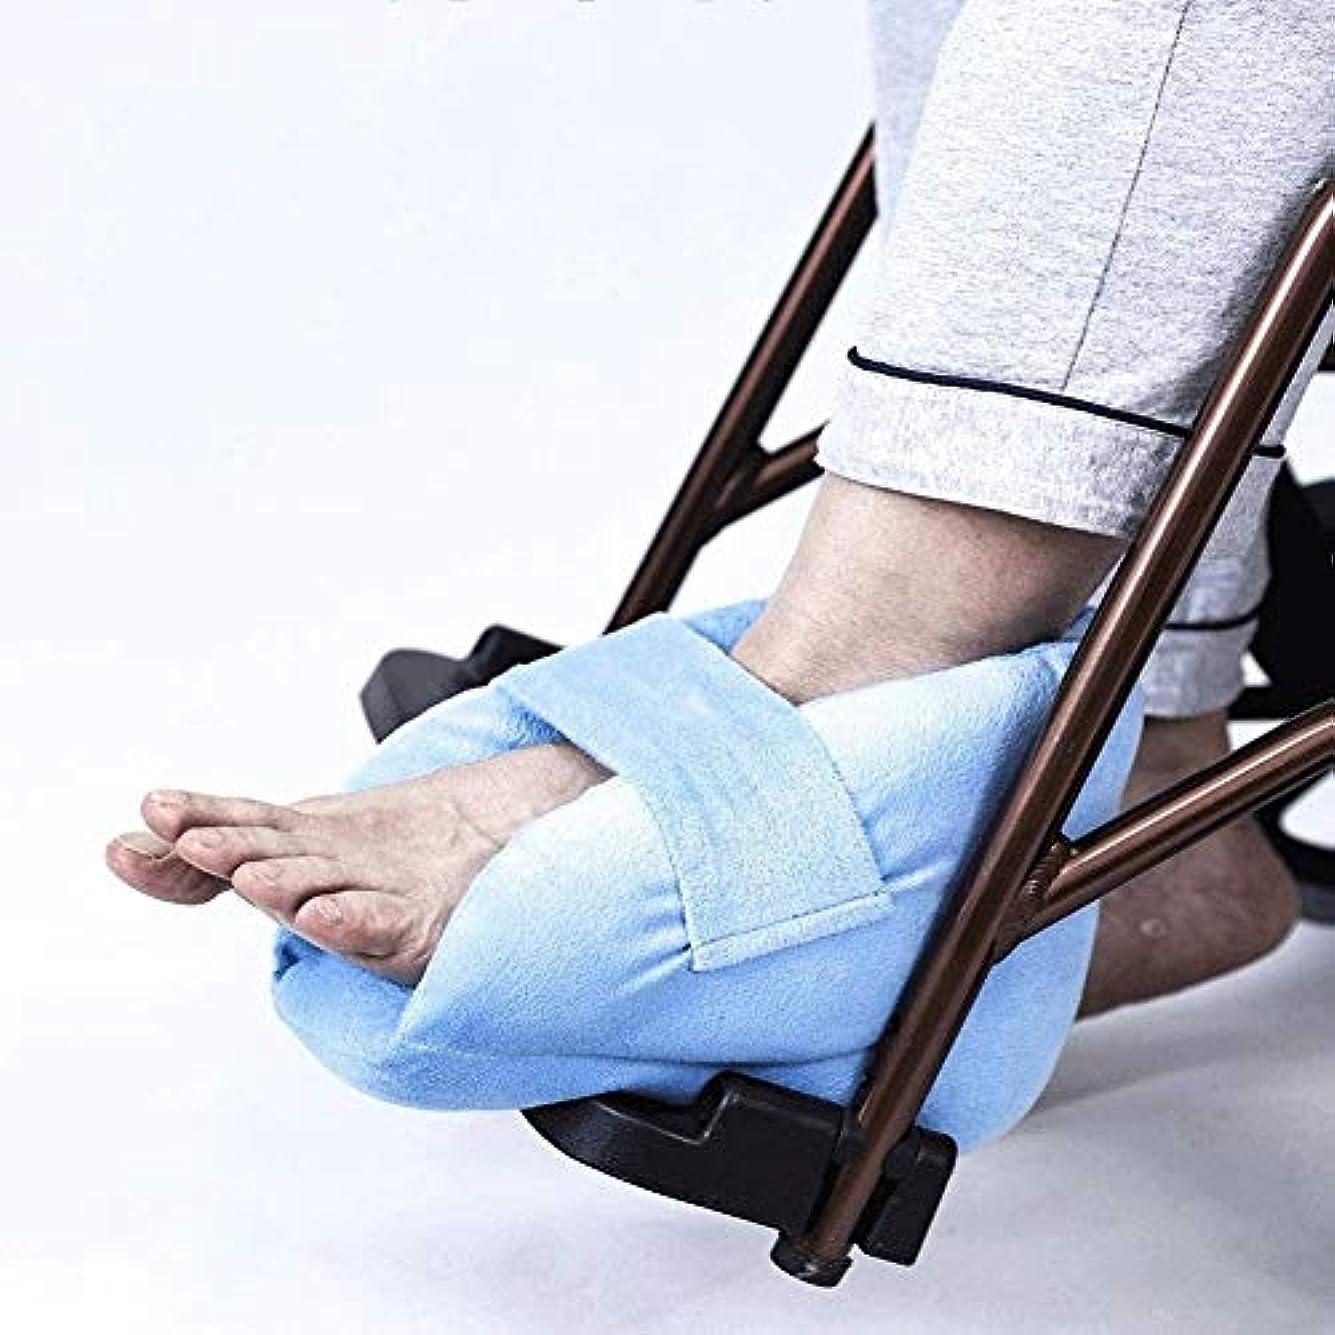 療法無意味裏切り者かかとプロテクター枕、足補正カバー圧痛とかかと潰瘍の救済 高弾性スポンジ充填、ライトブルー-1ペア